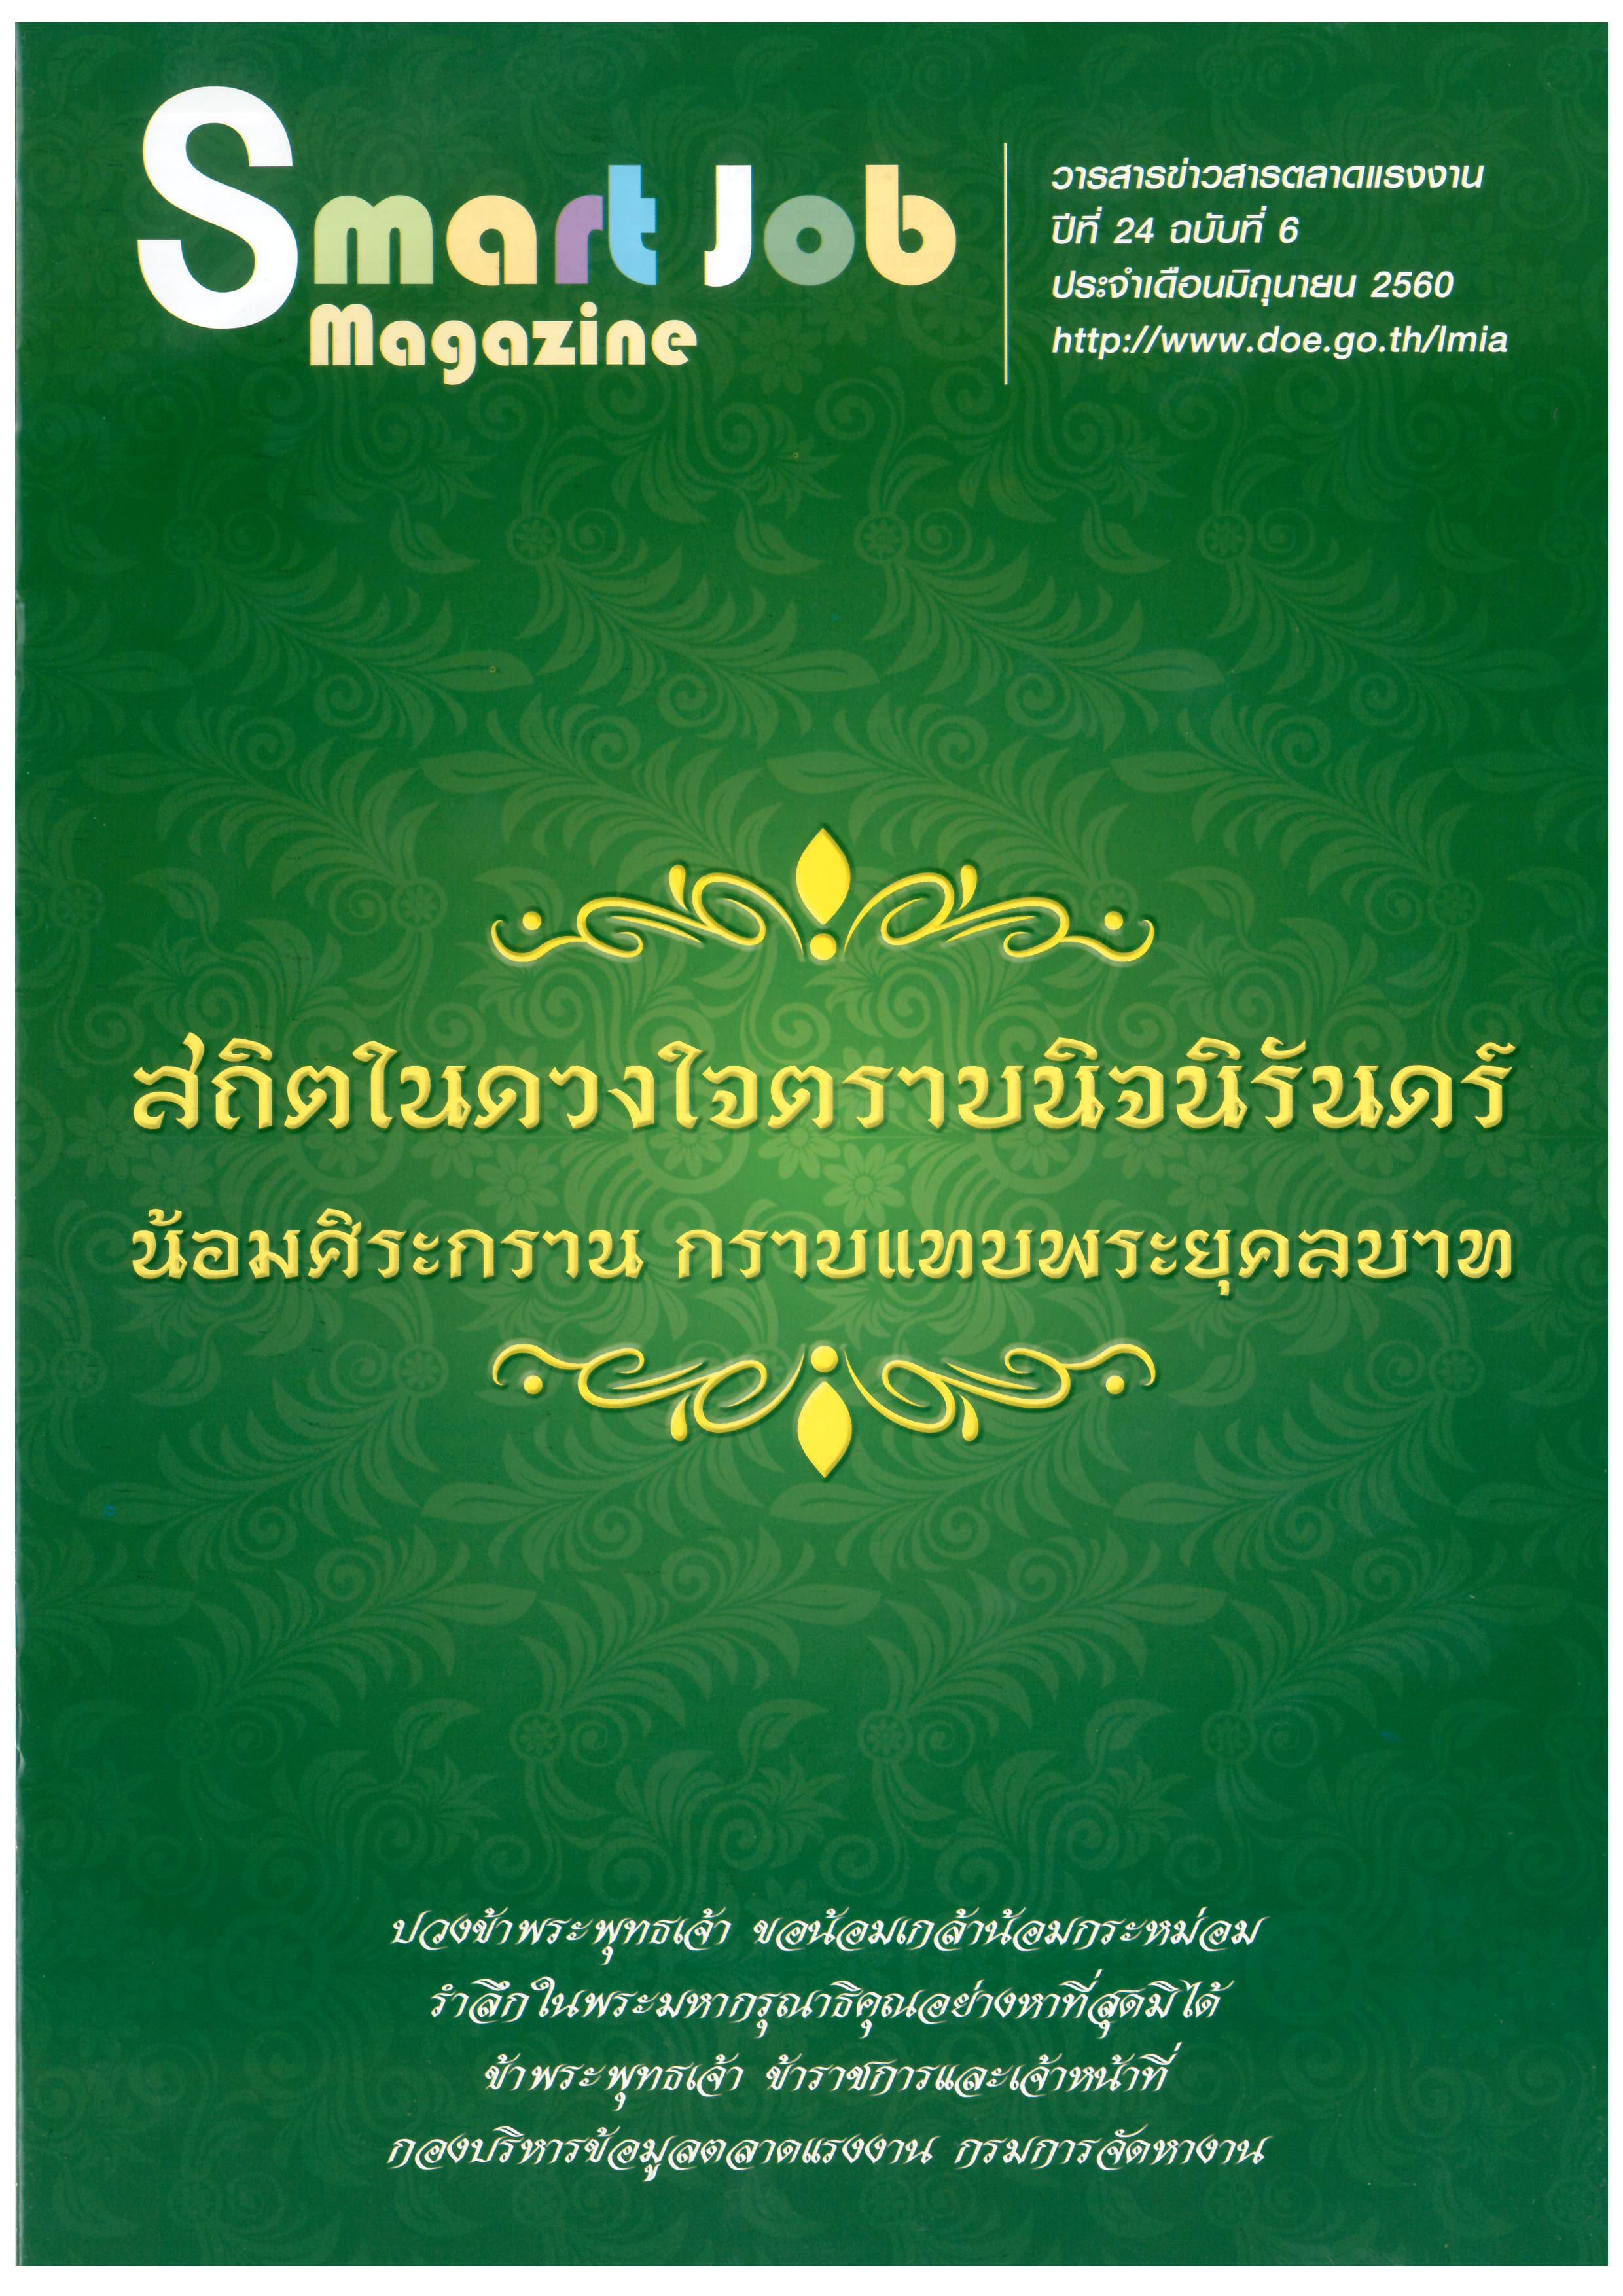 วารสารข่าวสารตลาดแรงงาน เดือน มิถุนายน 2560